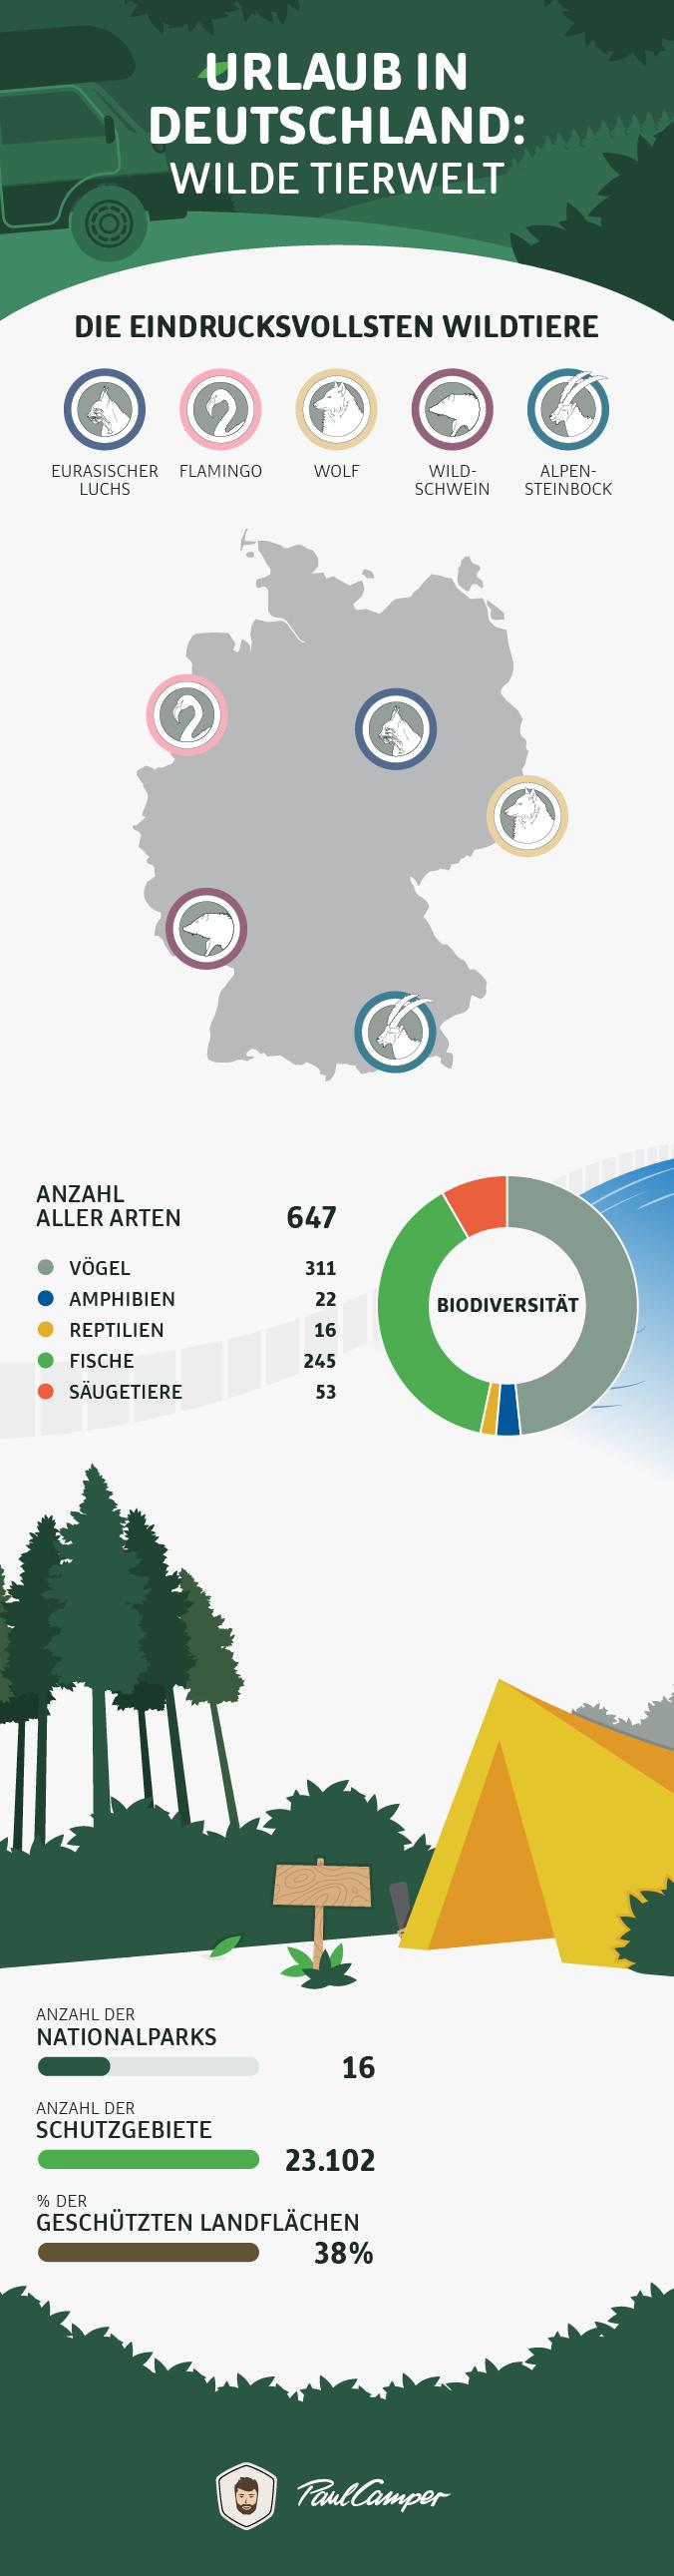 wilde tierweld infographic deutschland